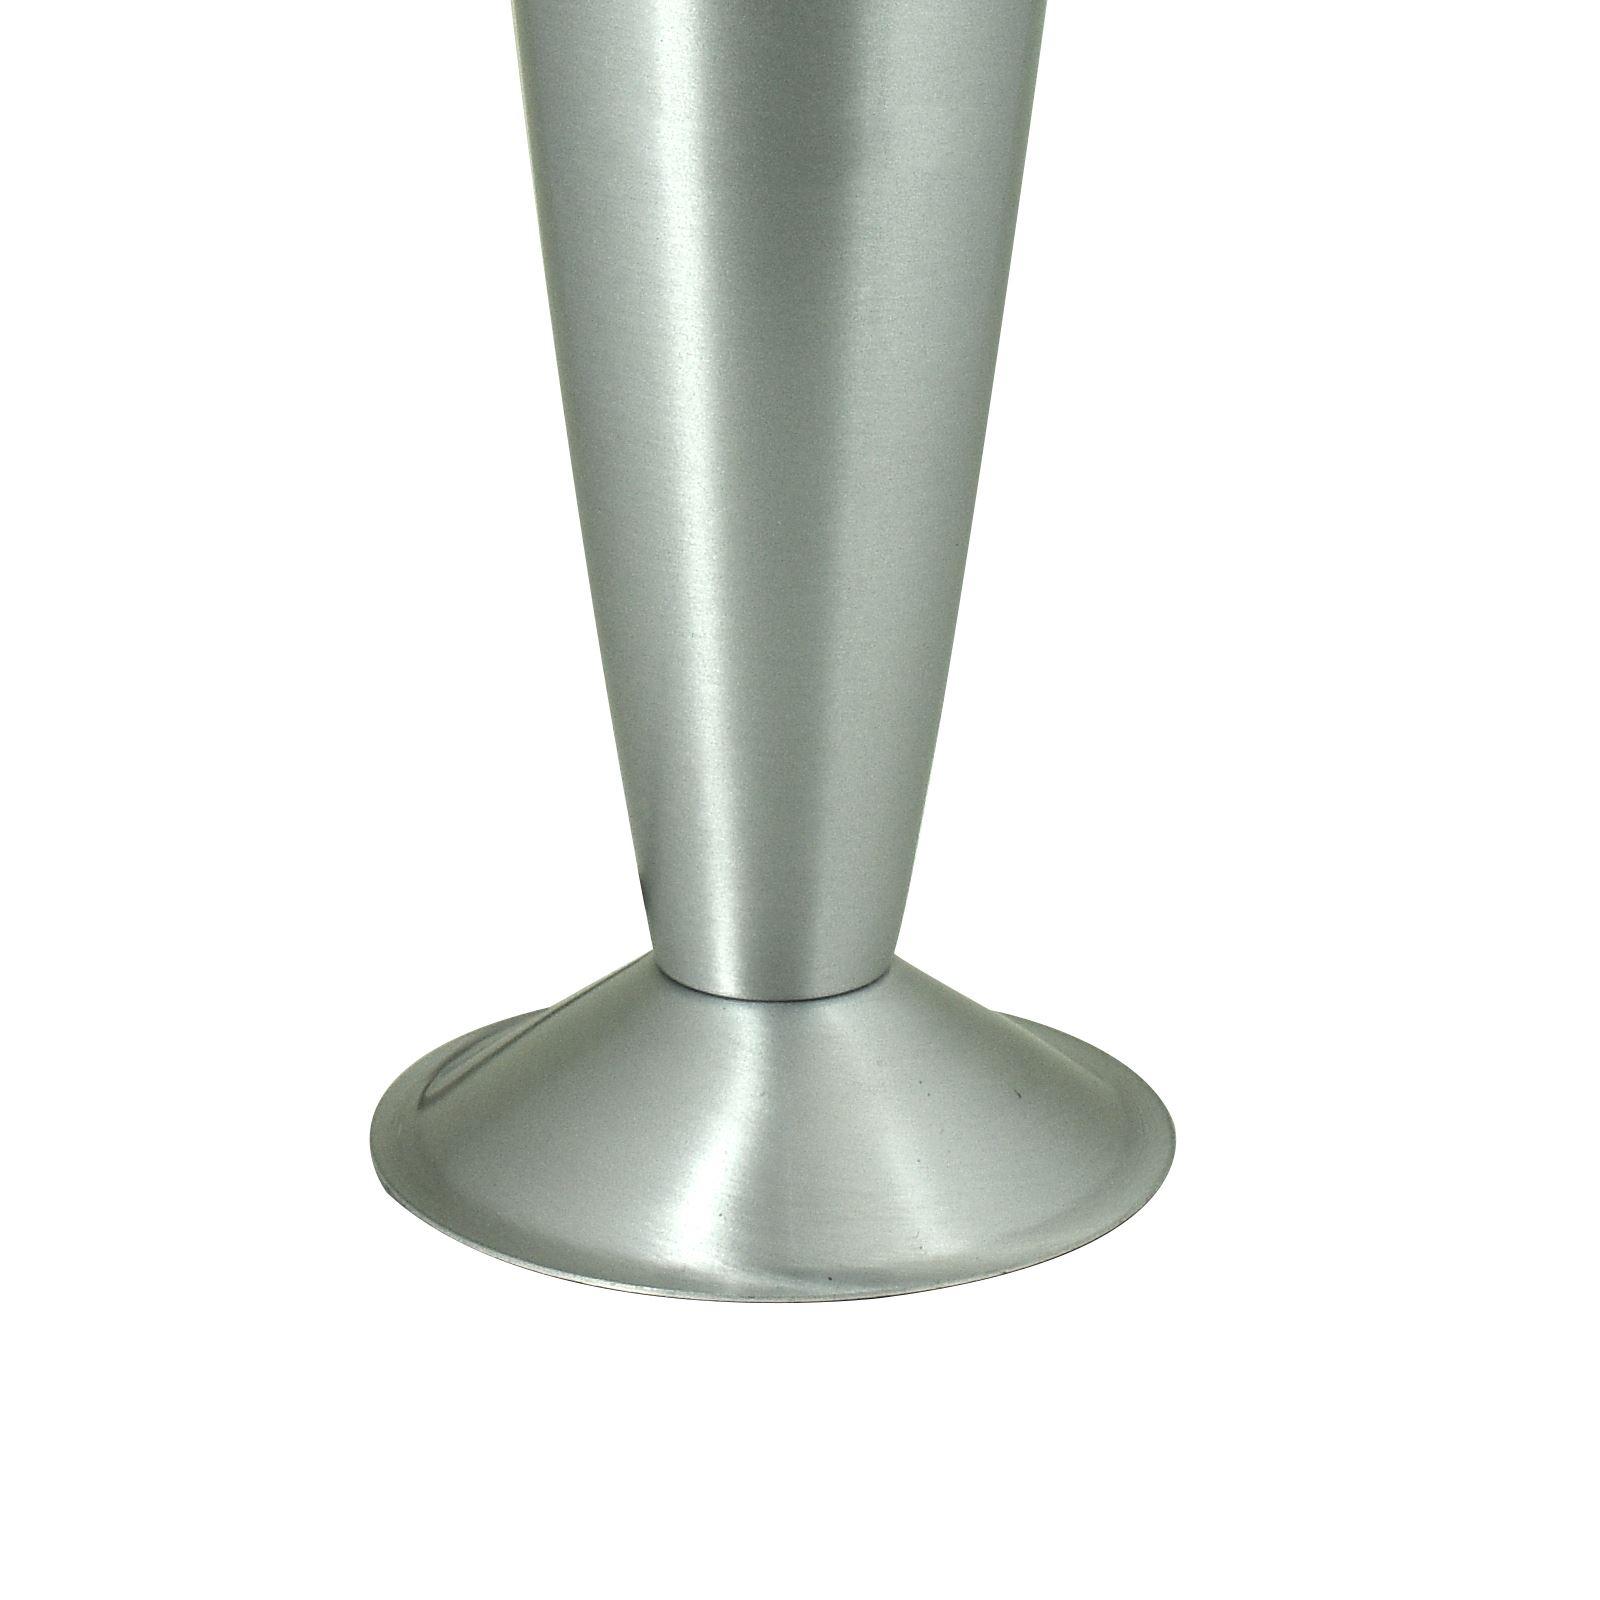 Grande-Lampe-a-lave-Couleur-Cire-liquide-Relax-Humeur-Motion-Light-retro-vintage-nouveaute